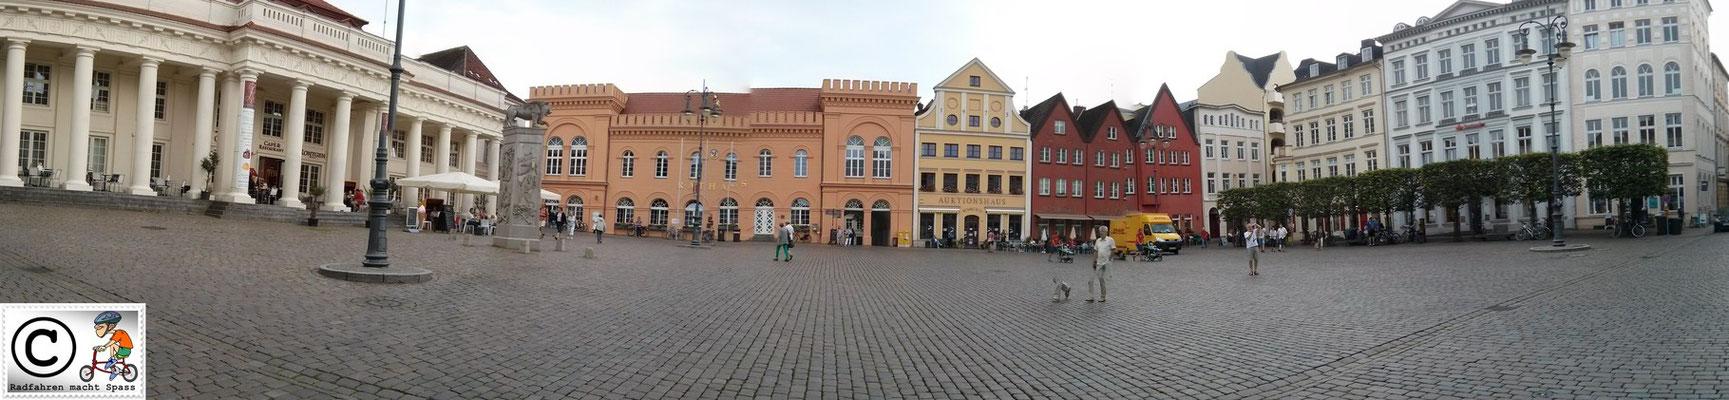 Schweriner Altstadt Marktplatz